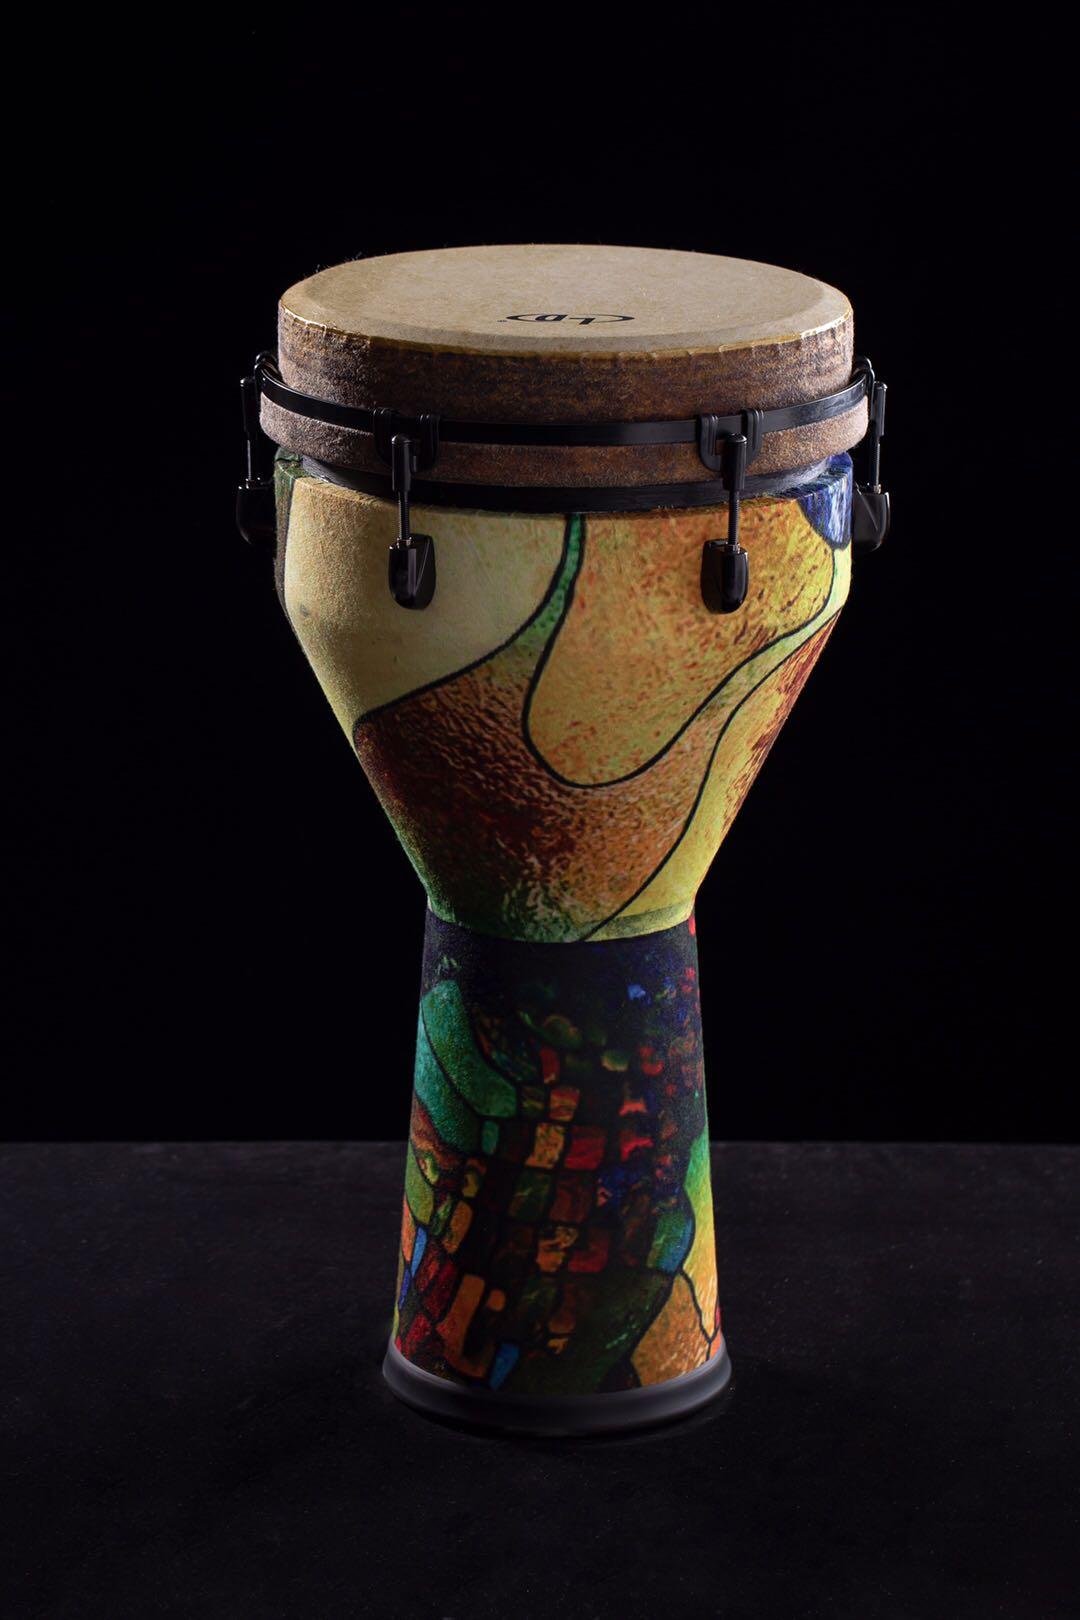 寸专业品牌金贝鼓 12 寸 11 寸 10 品牌印象系列星空系列手鼓非洲鼓 LD